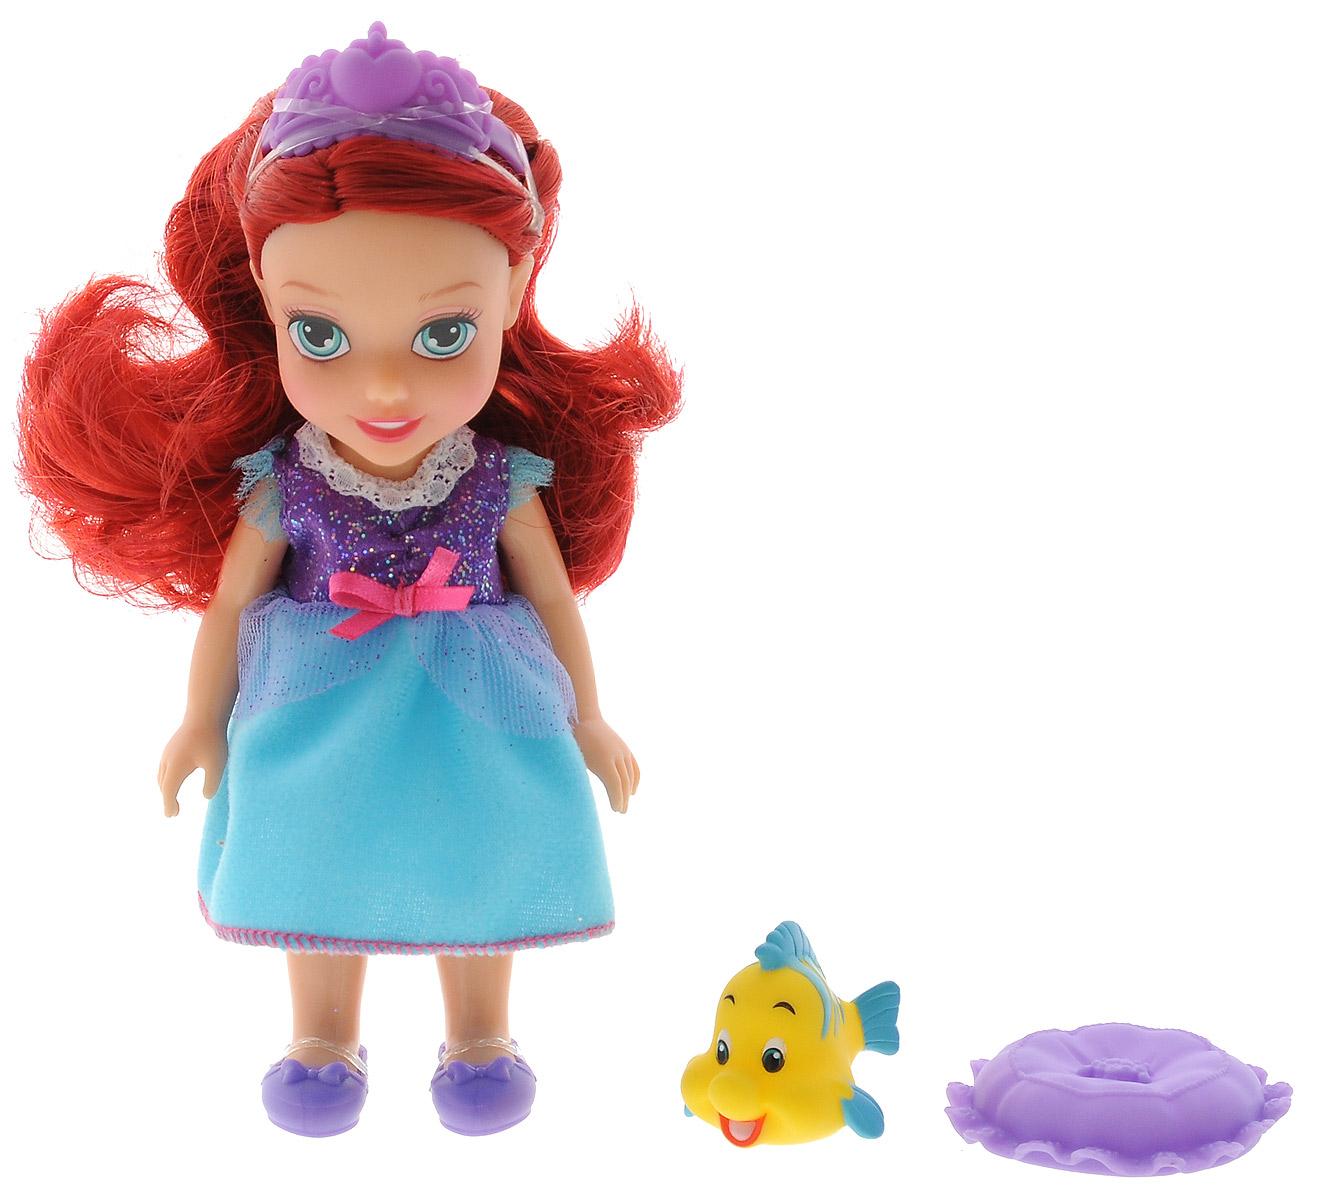 Disney Princess Мини-кукла Petite Ariel Flounder disney princess игровой набор мерида и пони